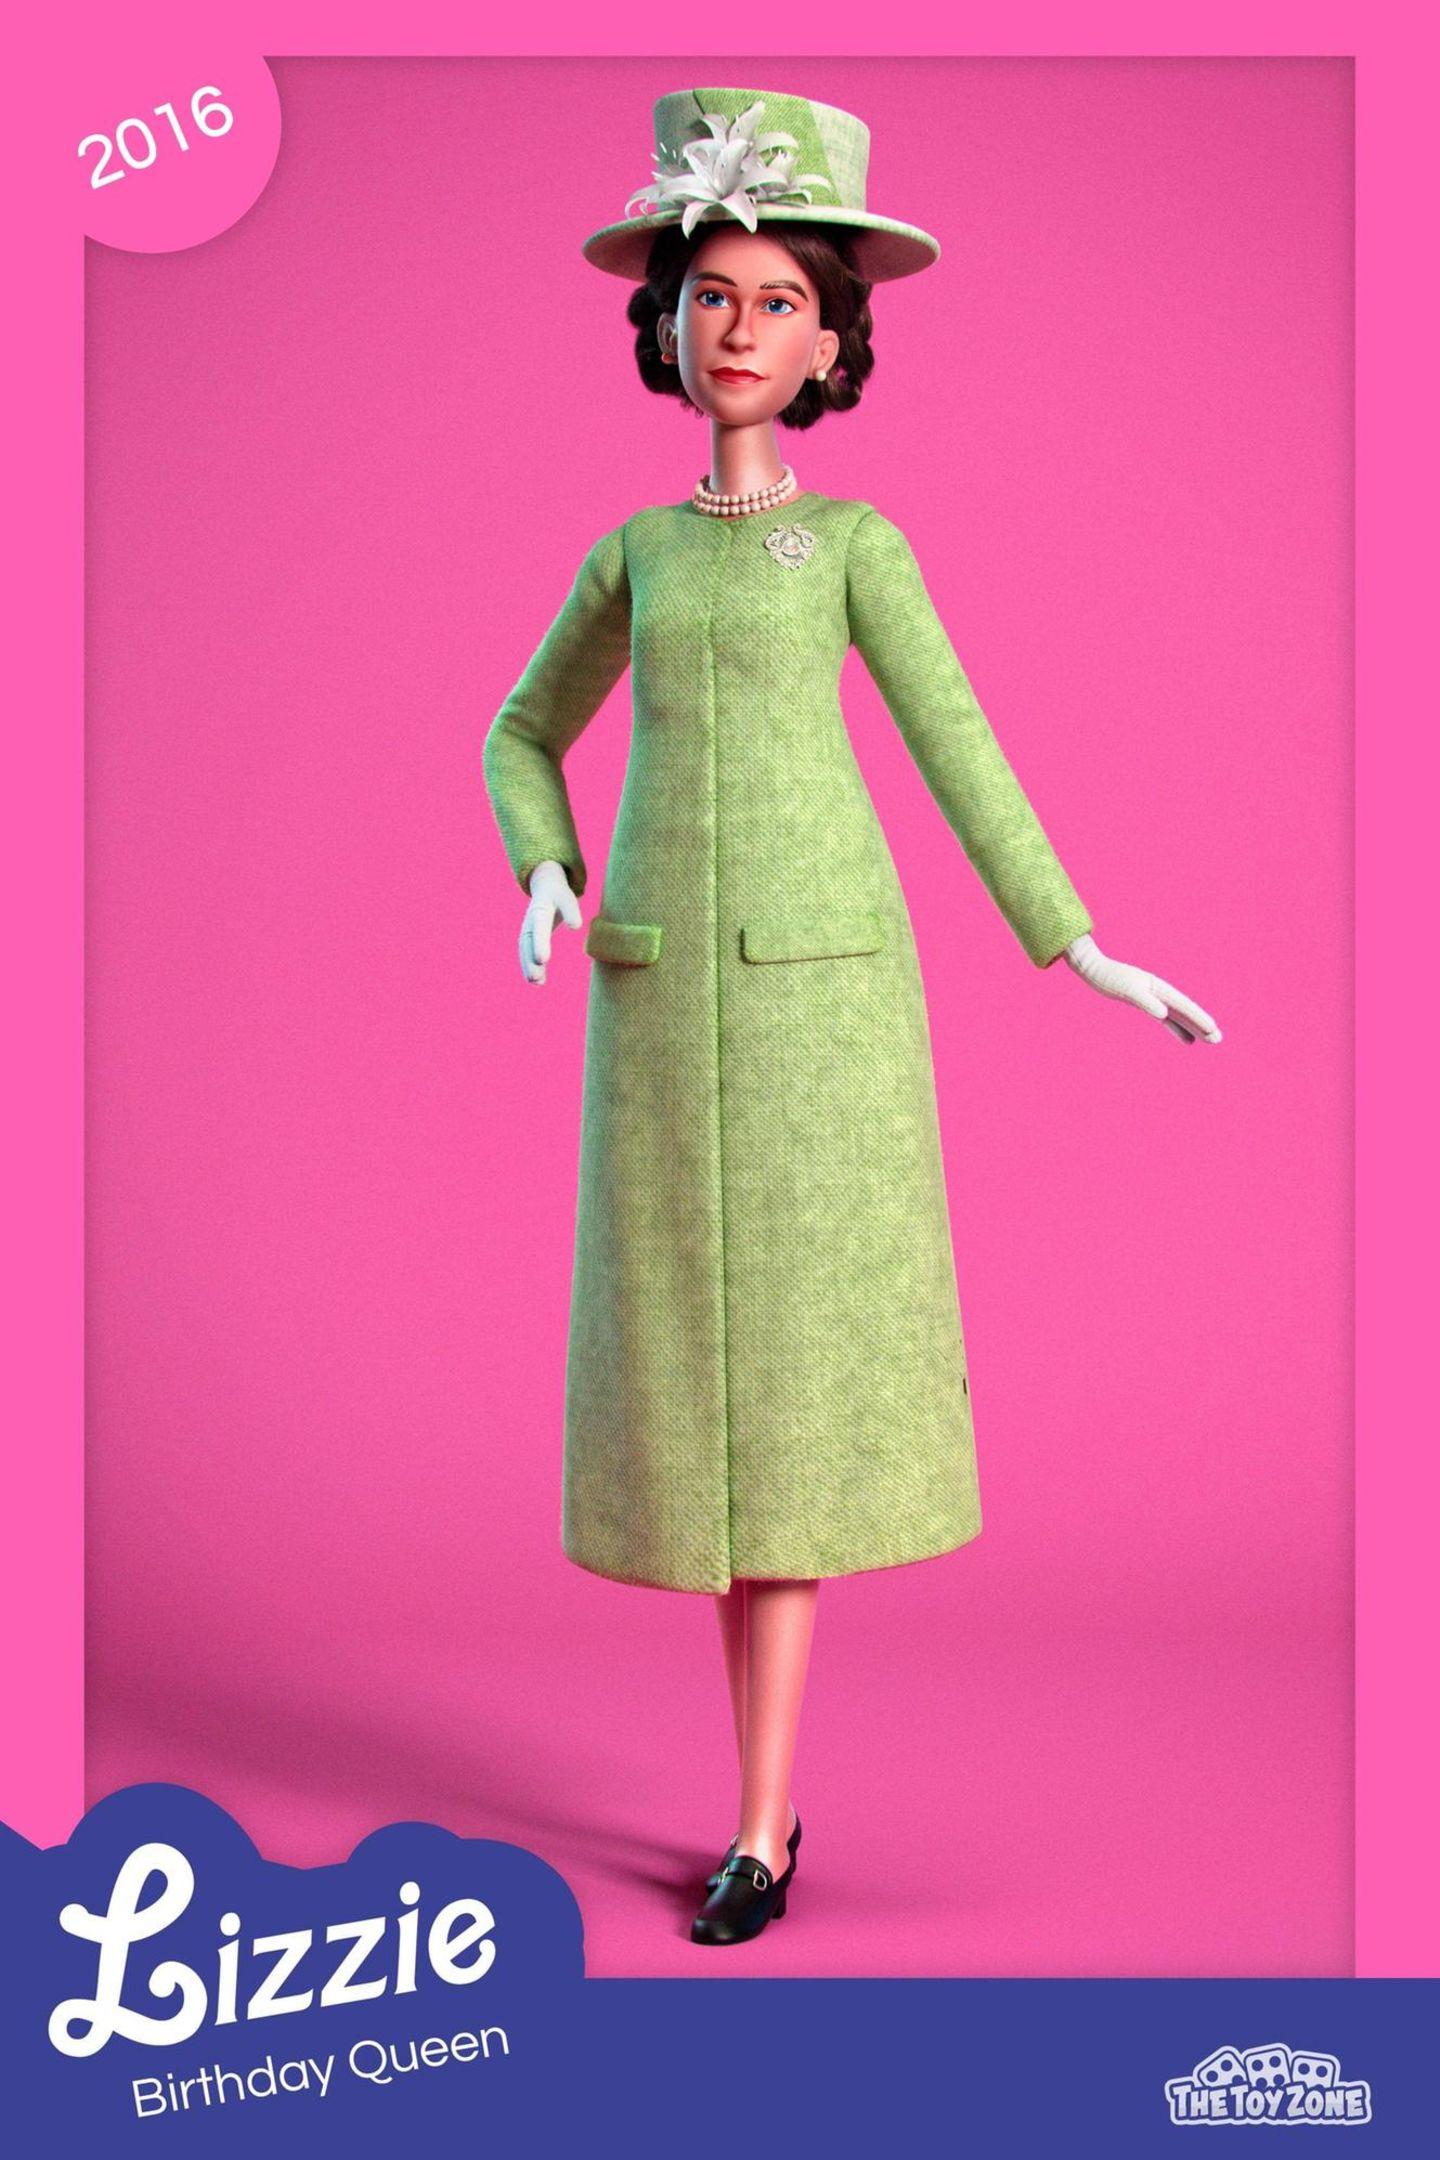 """Die Website des in London ansässigen Unternehmens NeoMam Studios Ltd. hat es sich zur Aufgabe gemacht, die schönsten Looks der Queen als digitale Puppe – angelegt an die bekannte """"Barbie""""-Puppe – zu kreieren. Darunter ein grasgrüner Signature-Look der Queen mit Perlenkette und passendem Hut."""